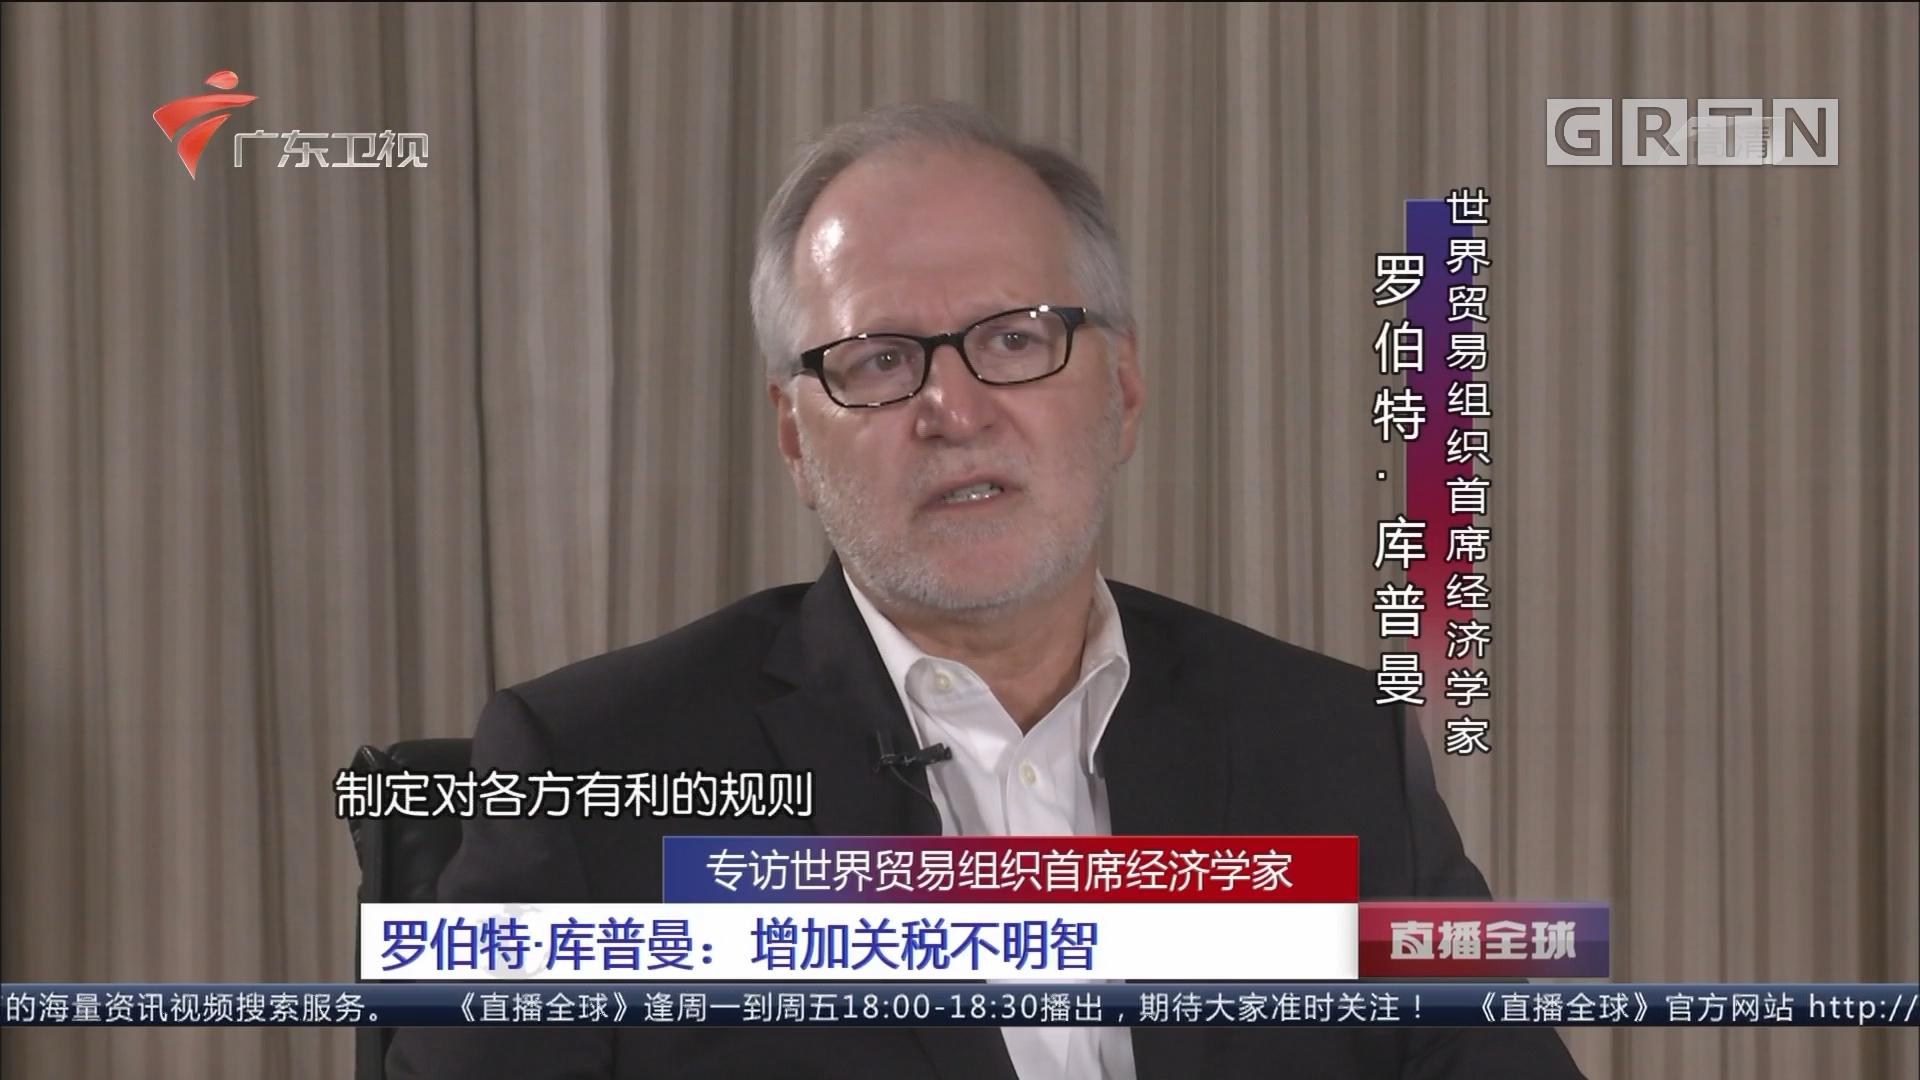 专访世界贸易组织首席经济学家 罗伯特·库普曼:经济全球化步伐加快 部分国家未适应新环境